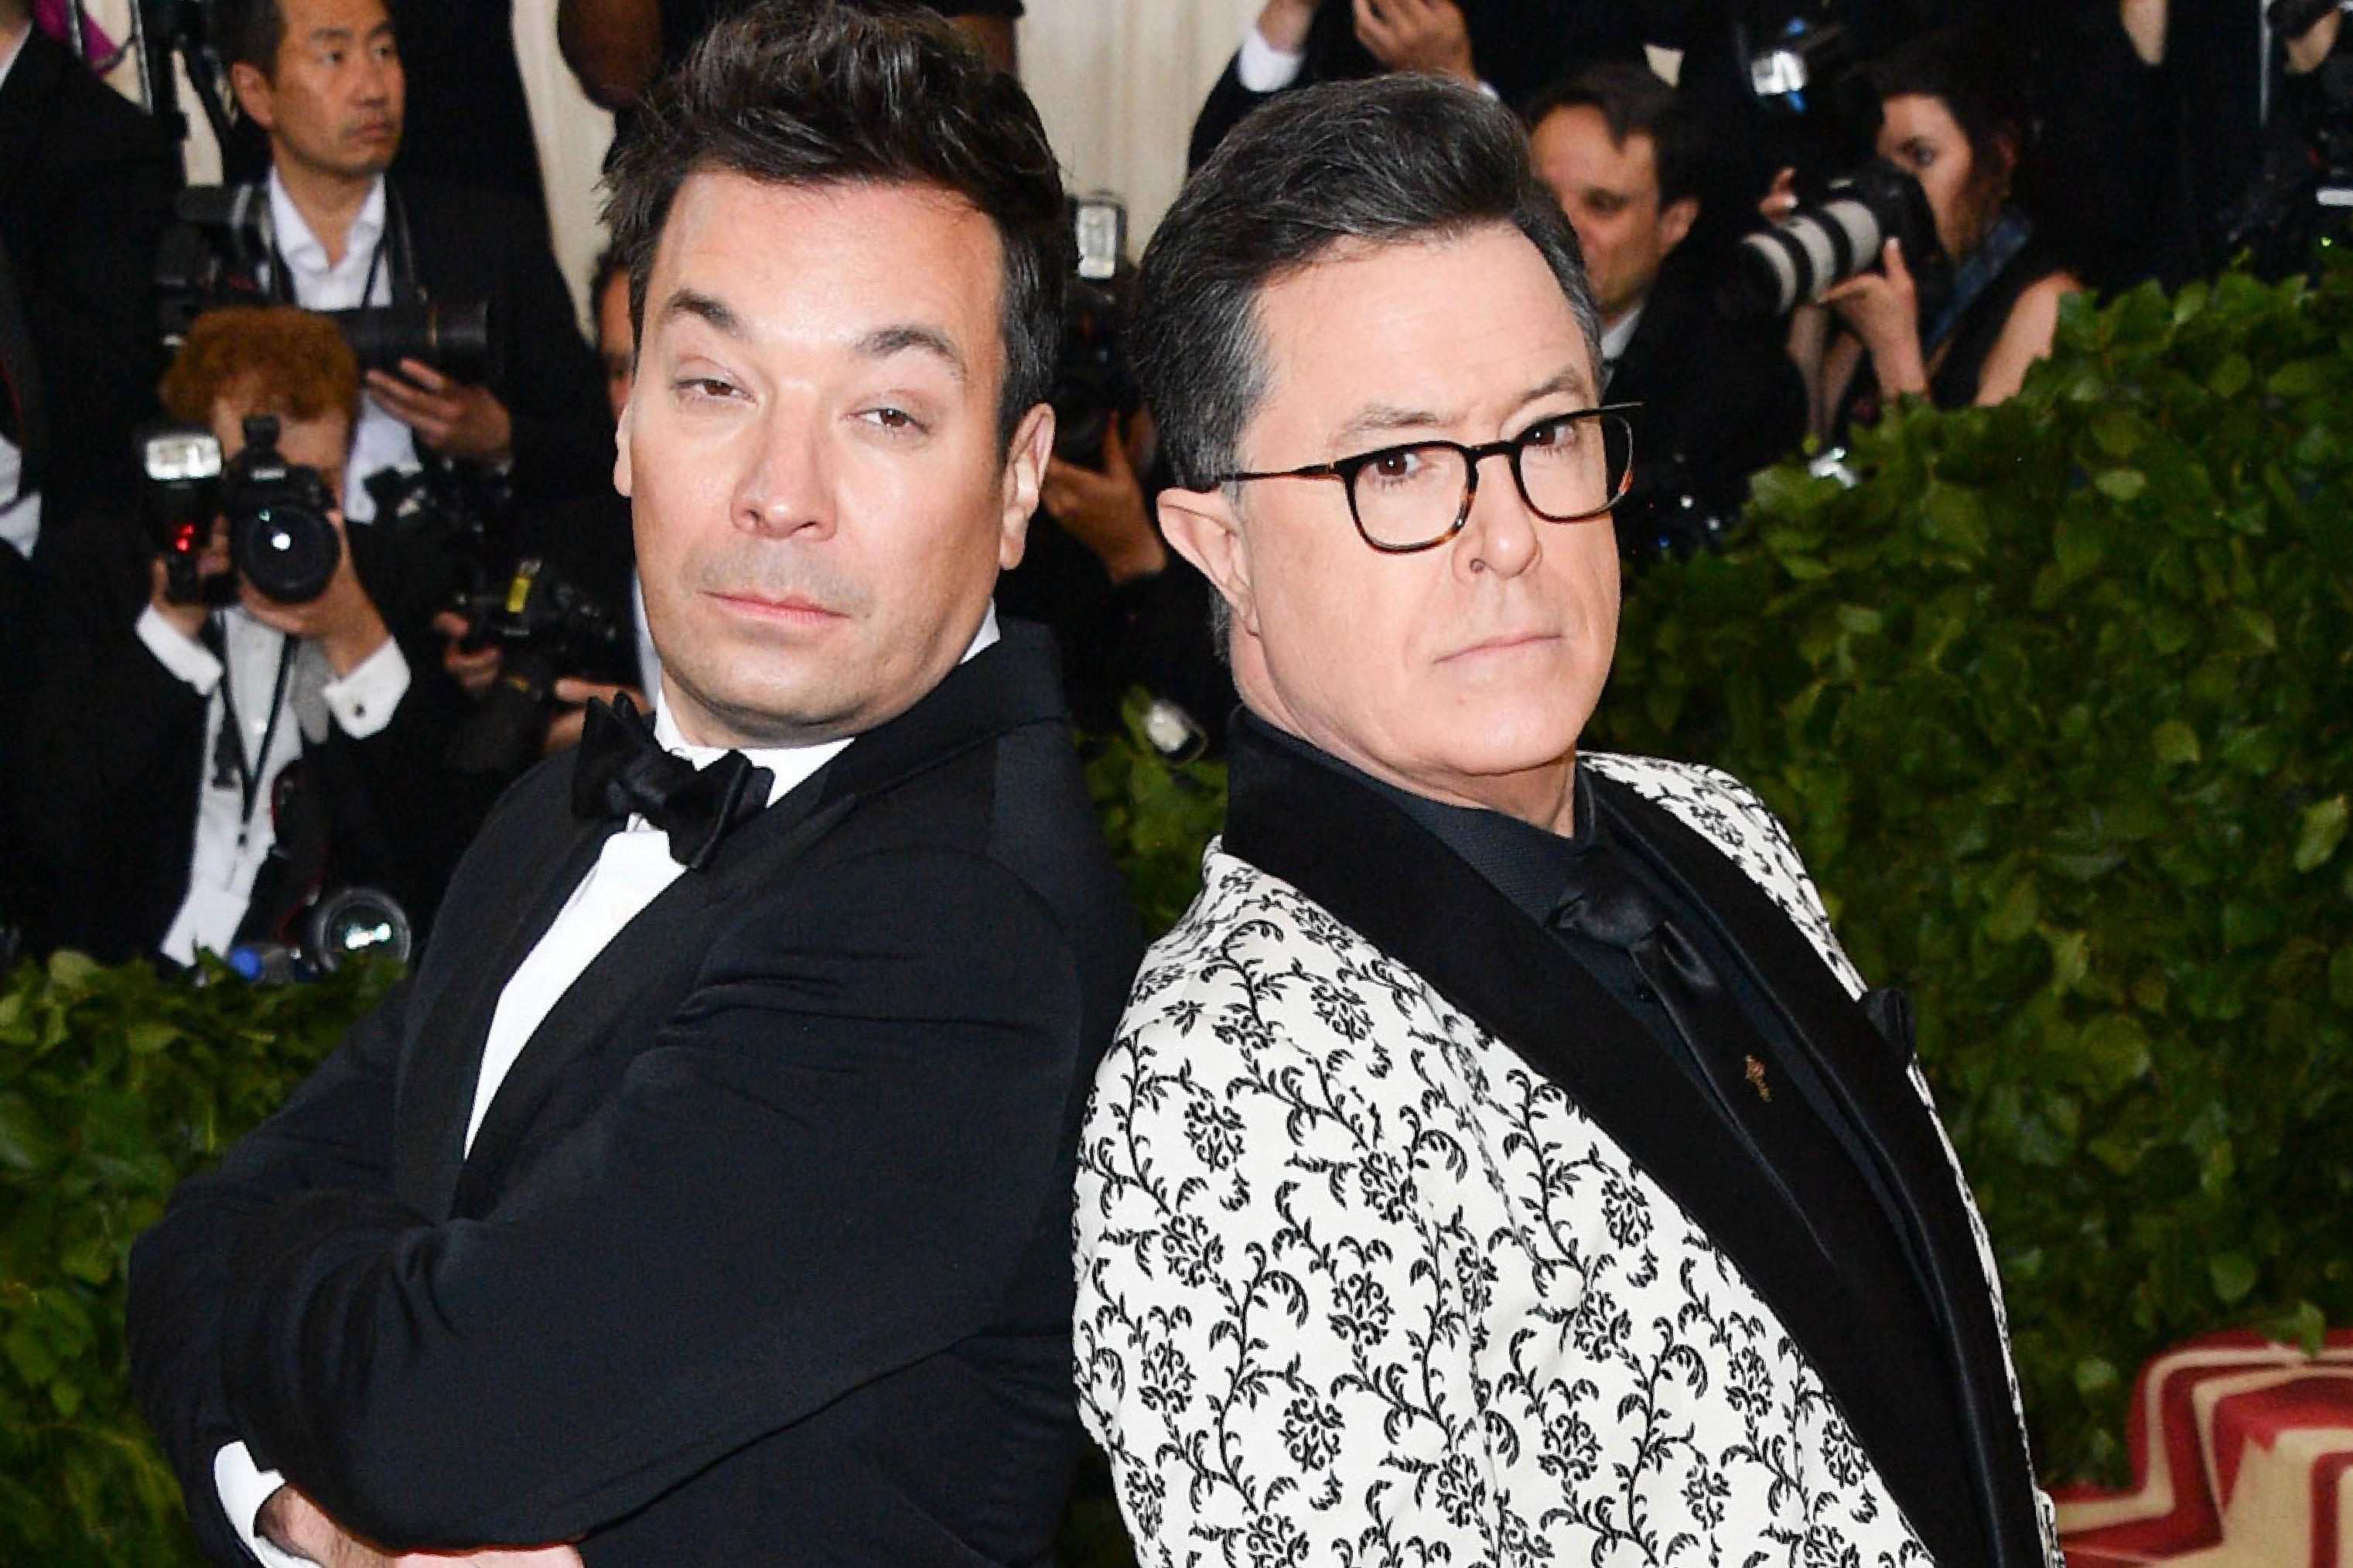 Jimmy Fallon's Tonight Show Gig In Danger Stephen Colbert Ratings